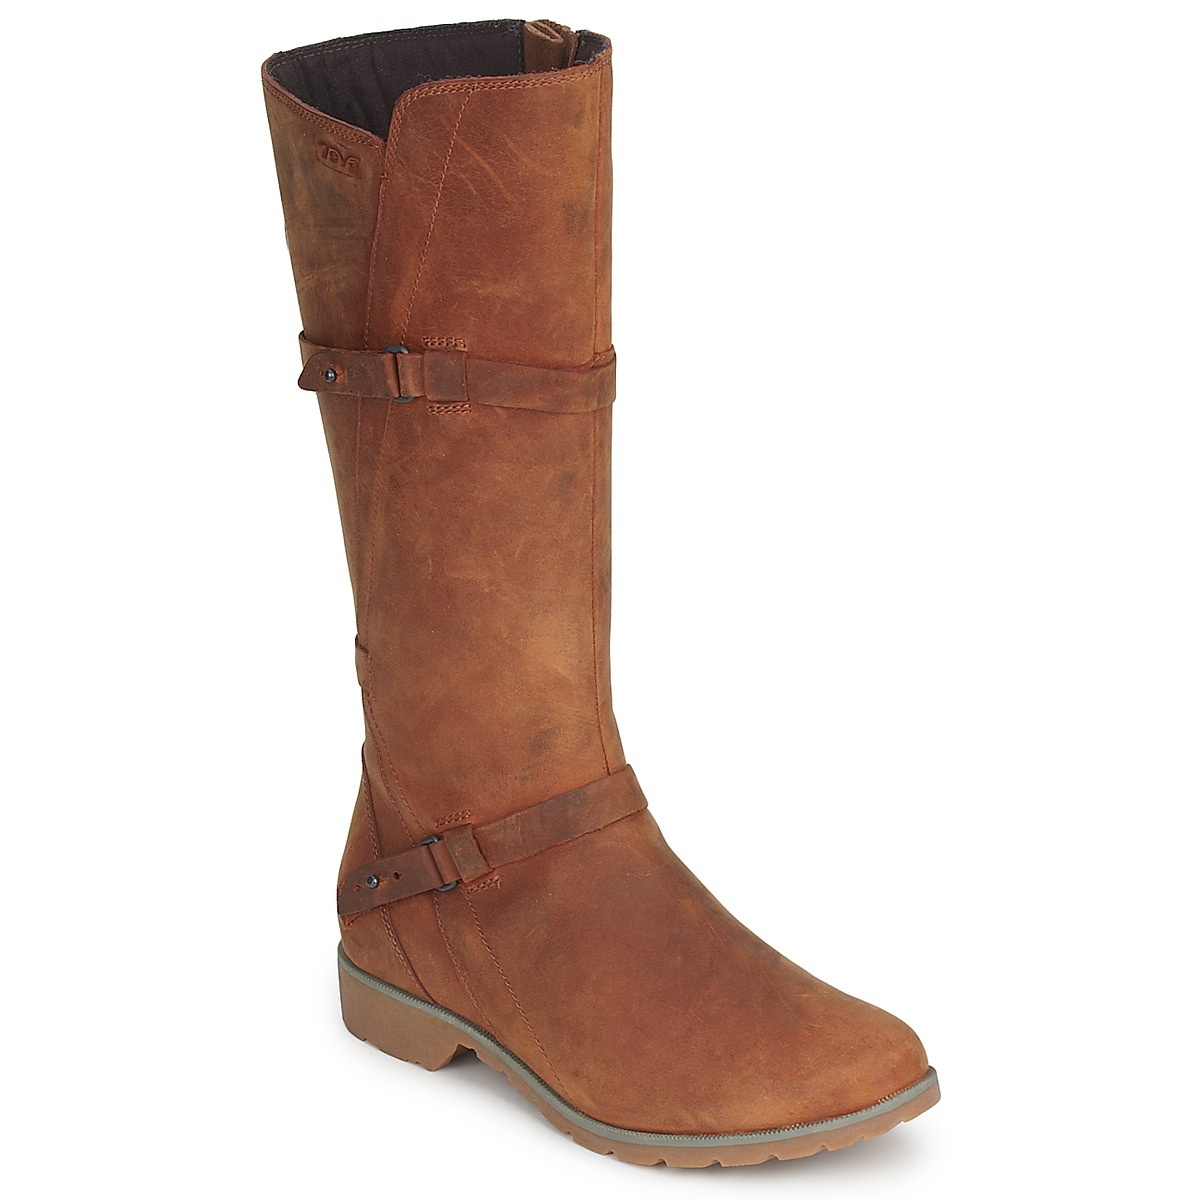 Teva DELAVINA LEATHER Braun - Kostenloser Versand bei Spartoode ! - Schuhe Klassische Stiefel Damen 127,20 €